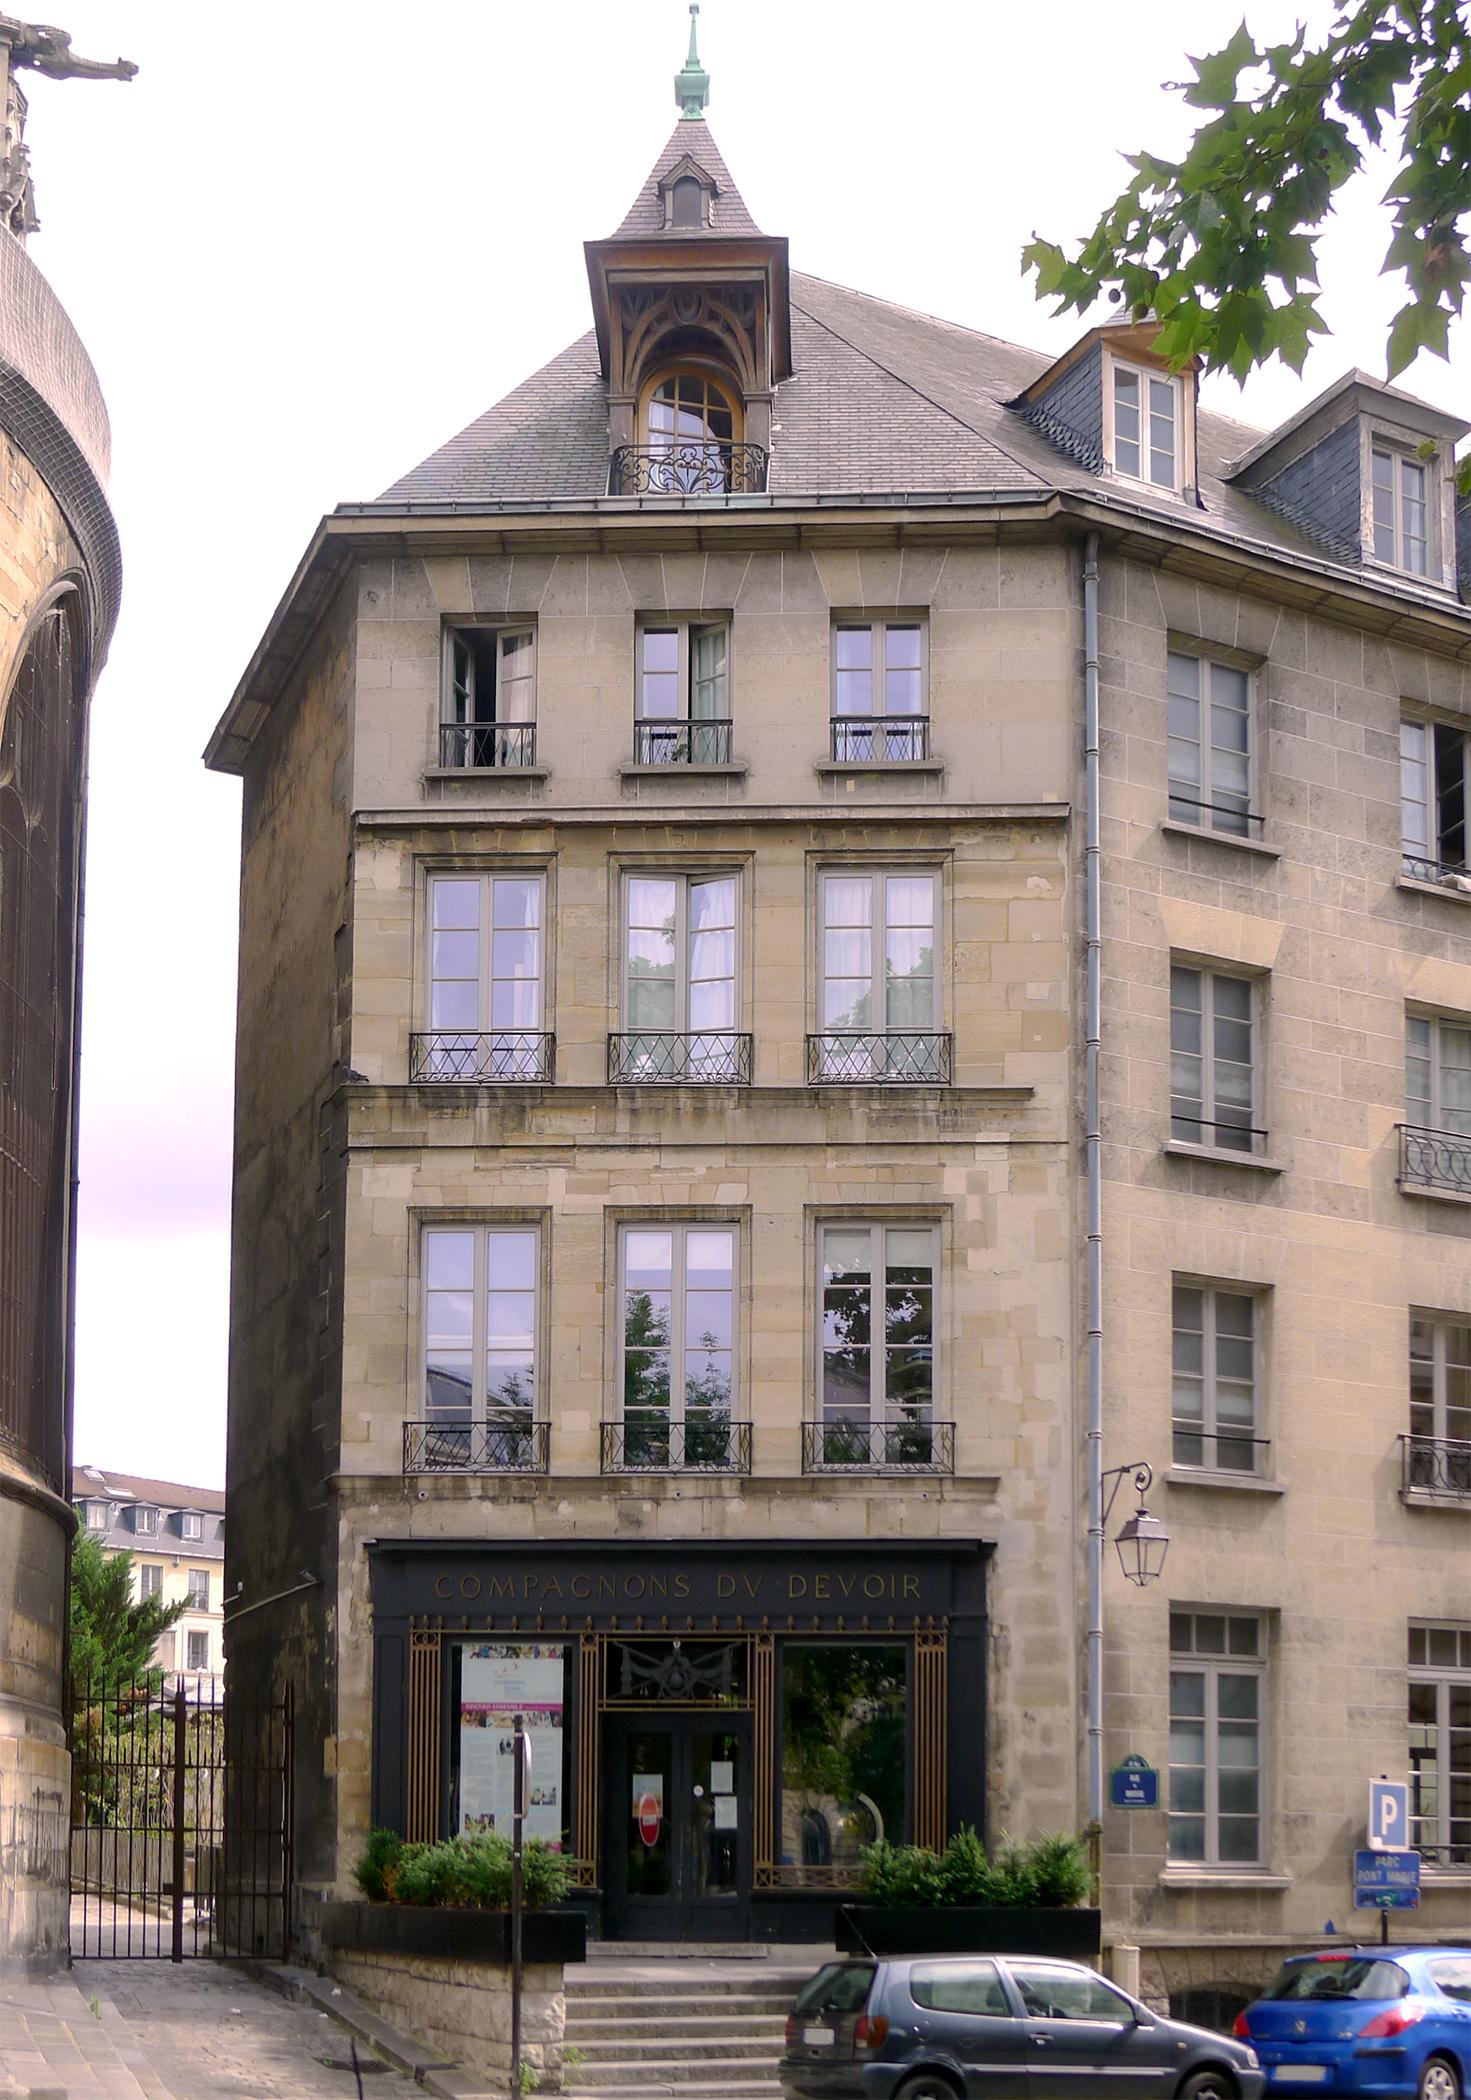 Maison des compagnons paris ventana blog - Compagnon du devoir cuisine ...